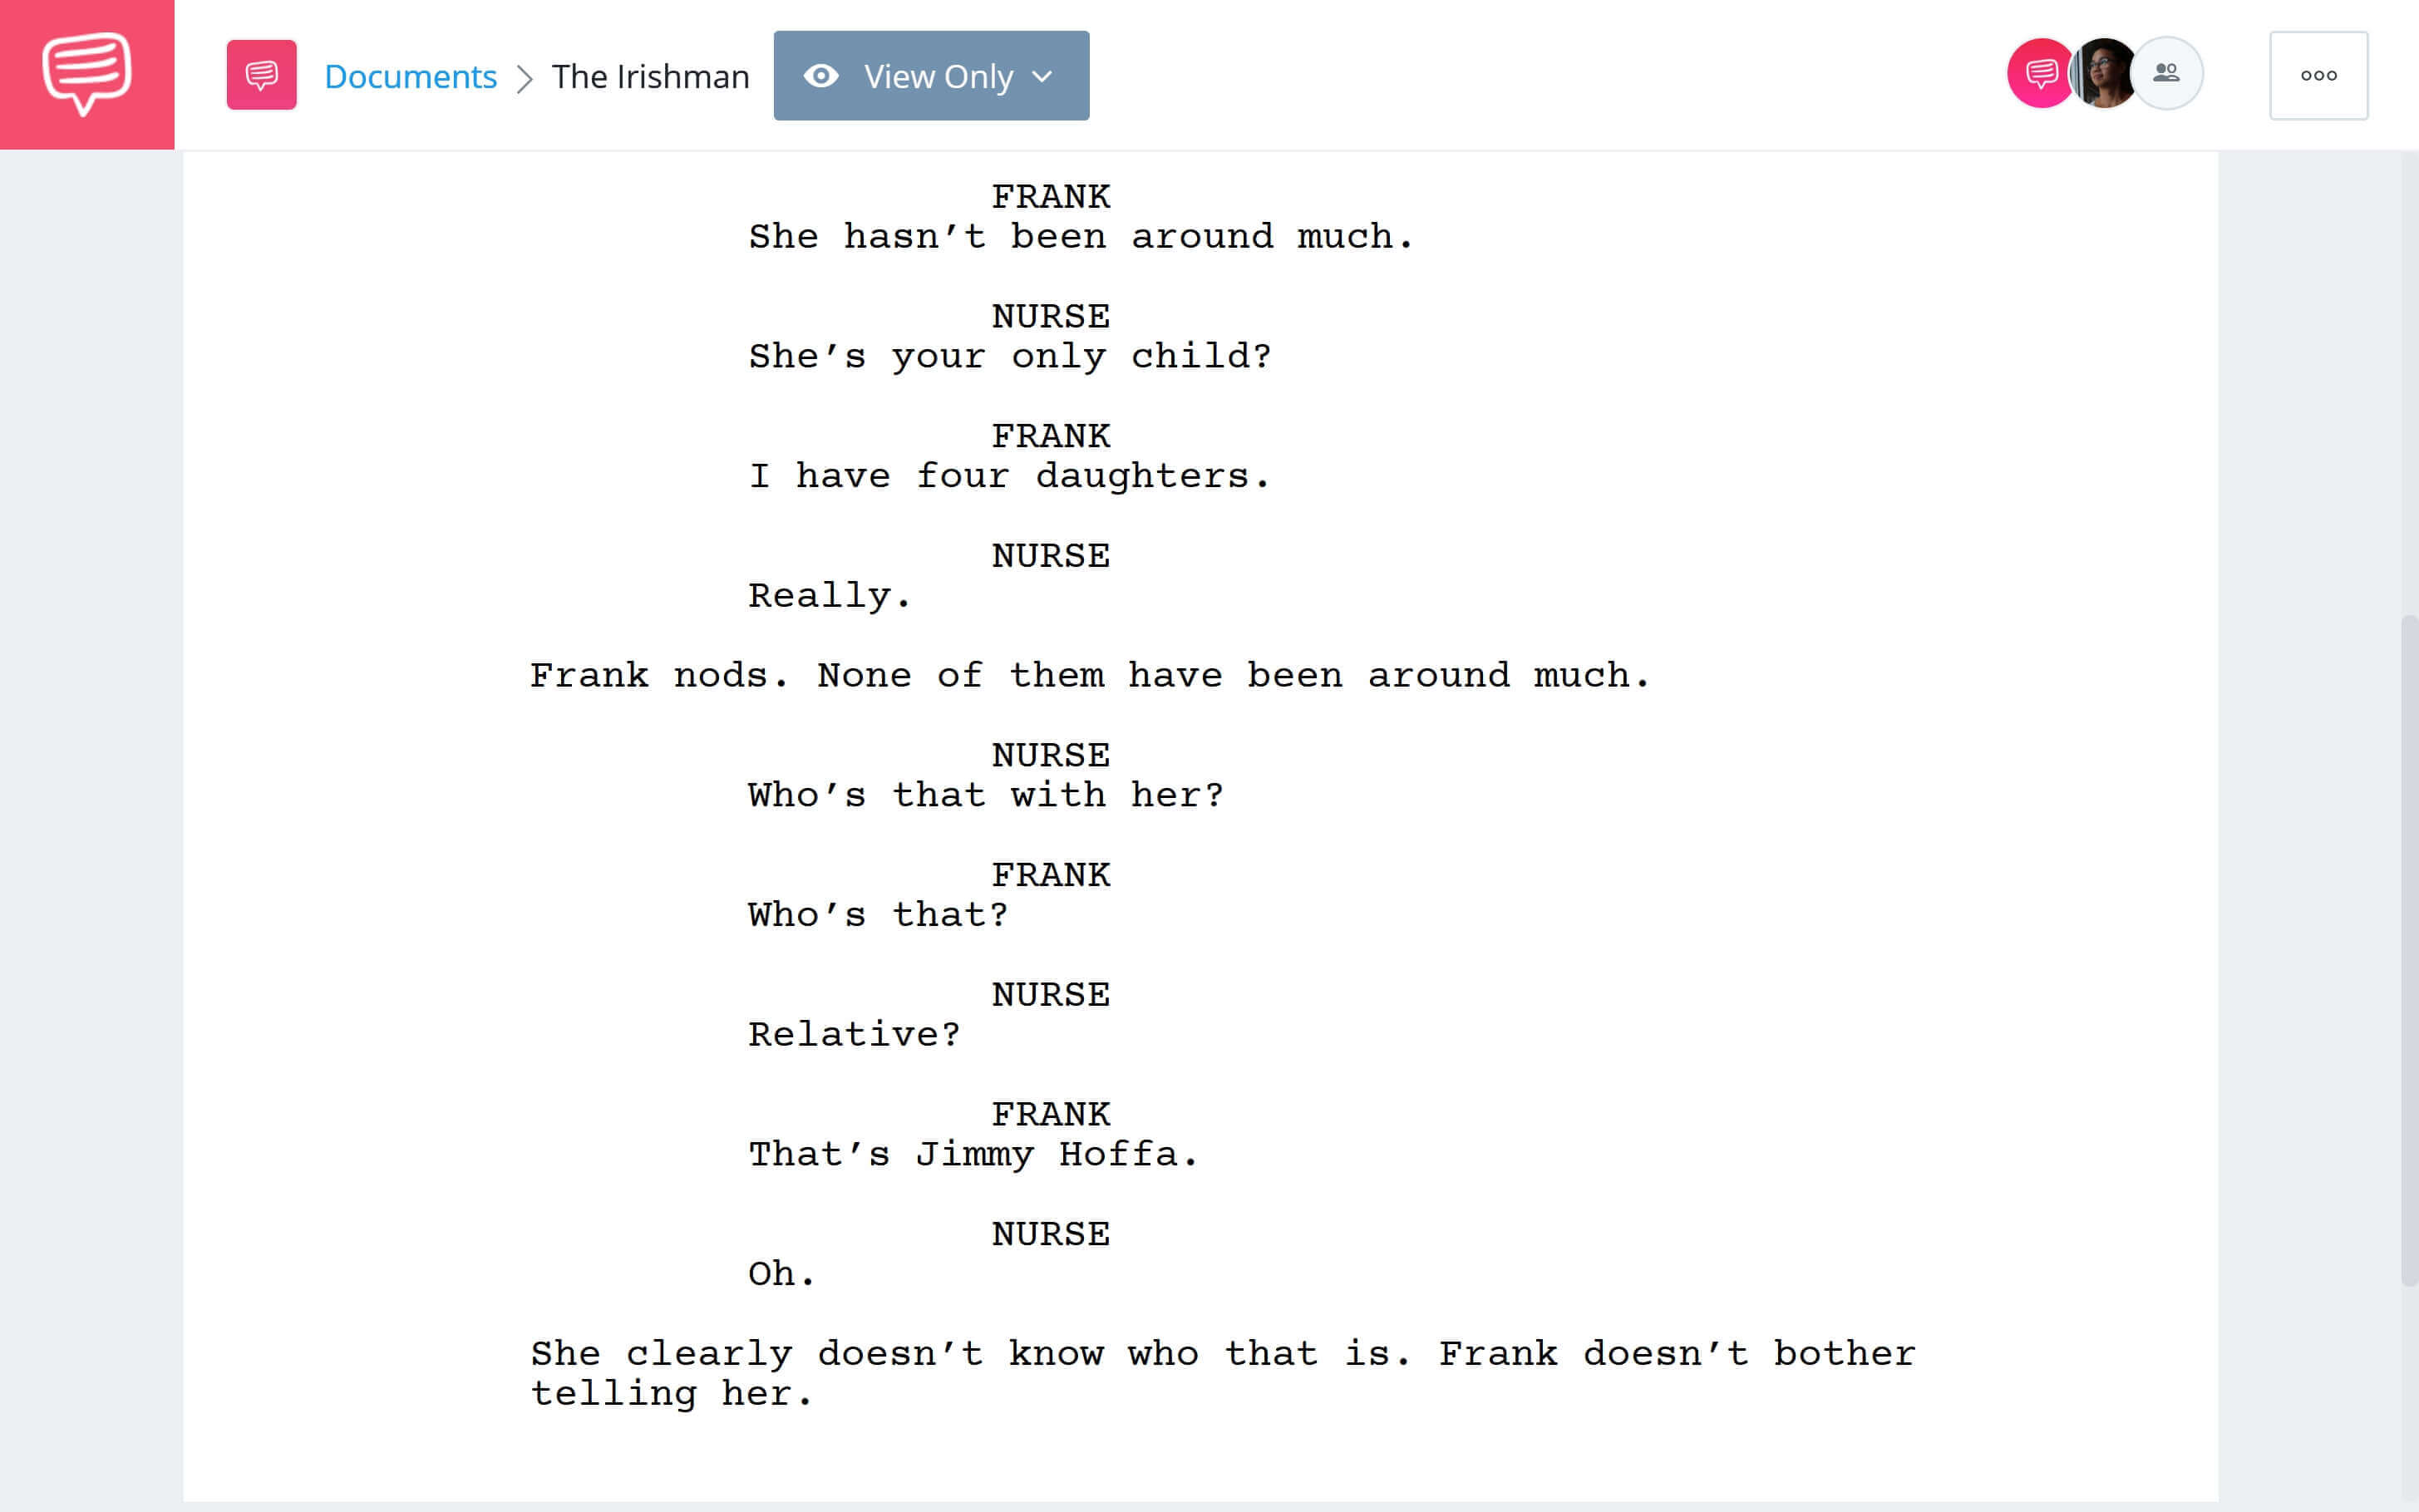 Is Irishman Based on a True Story - That's Jimmy Hoffa Scene Download App Tie-In - StudioBinder